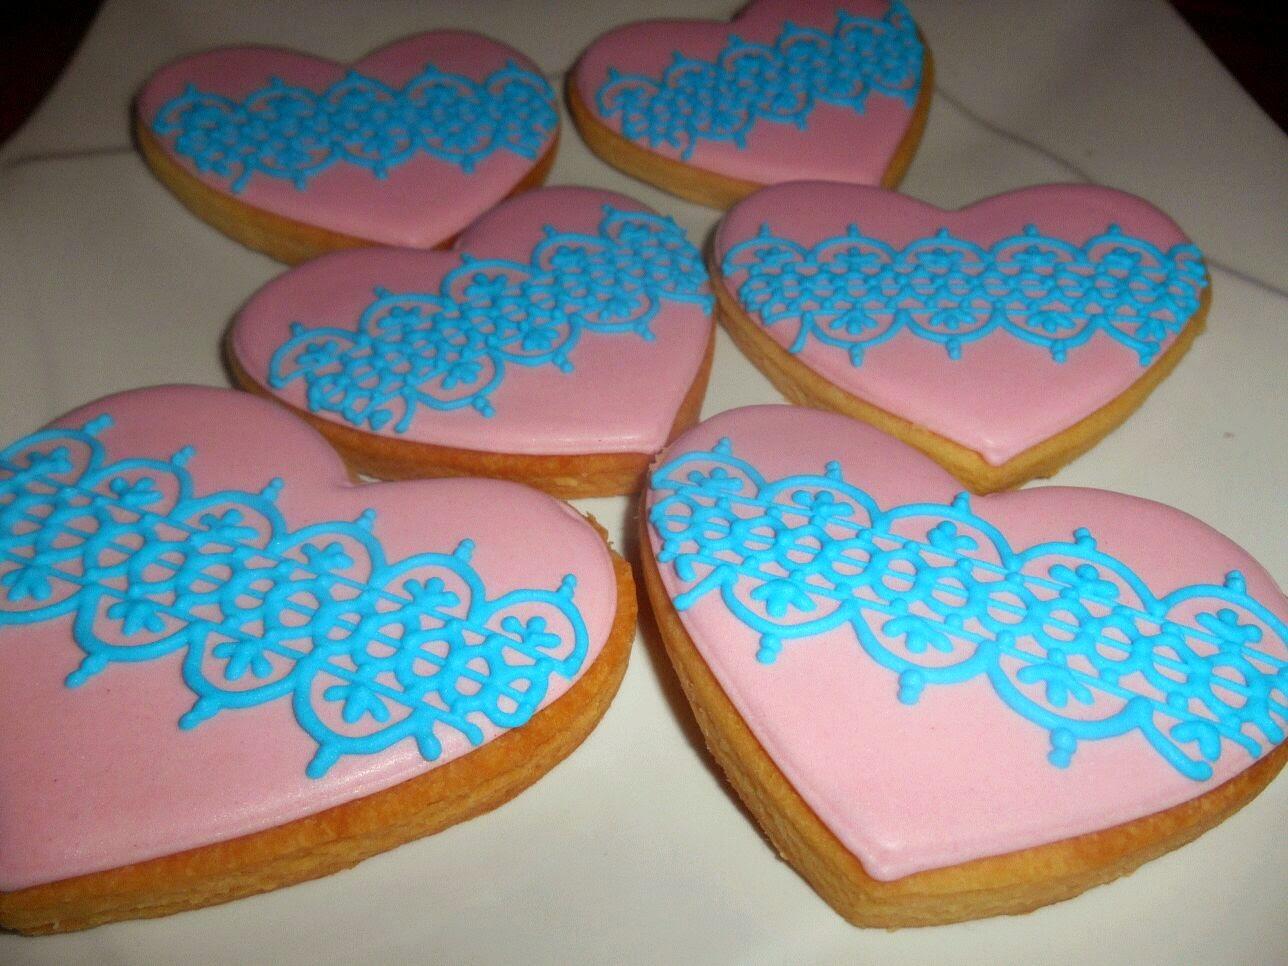 Cookies For Wedding Door Gift : ... fancy cookies and chocolate for your occassion: Door gift wedding